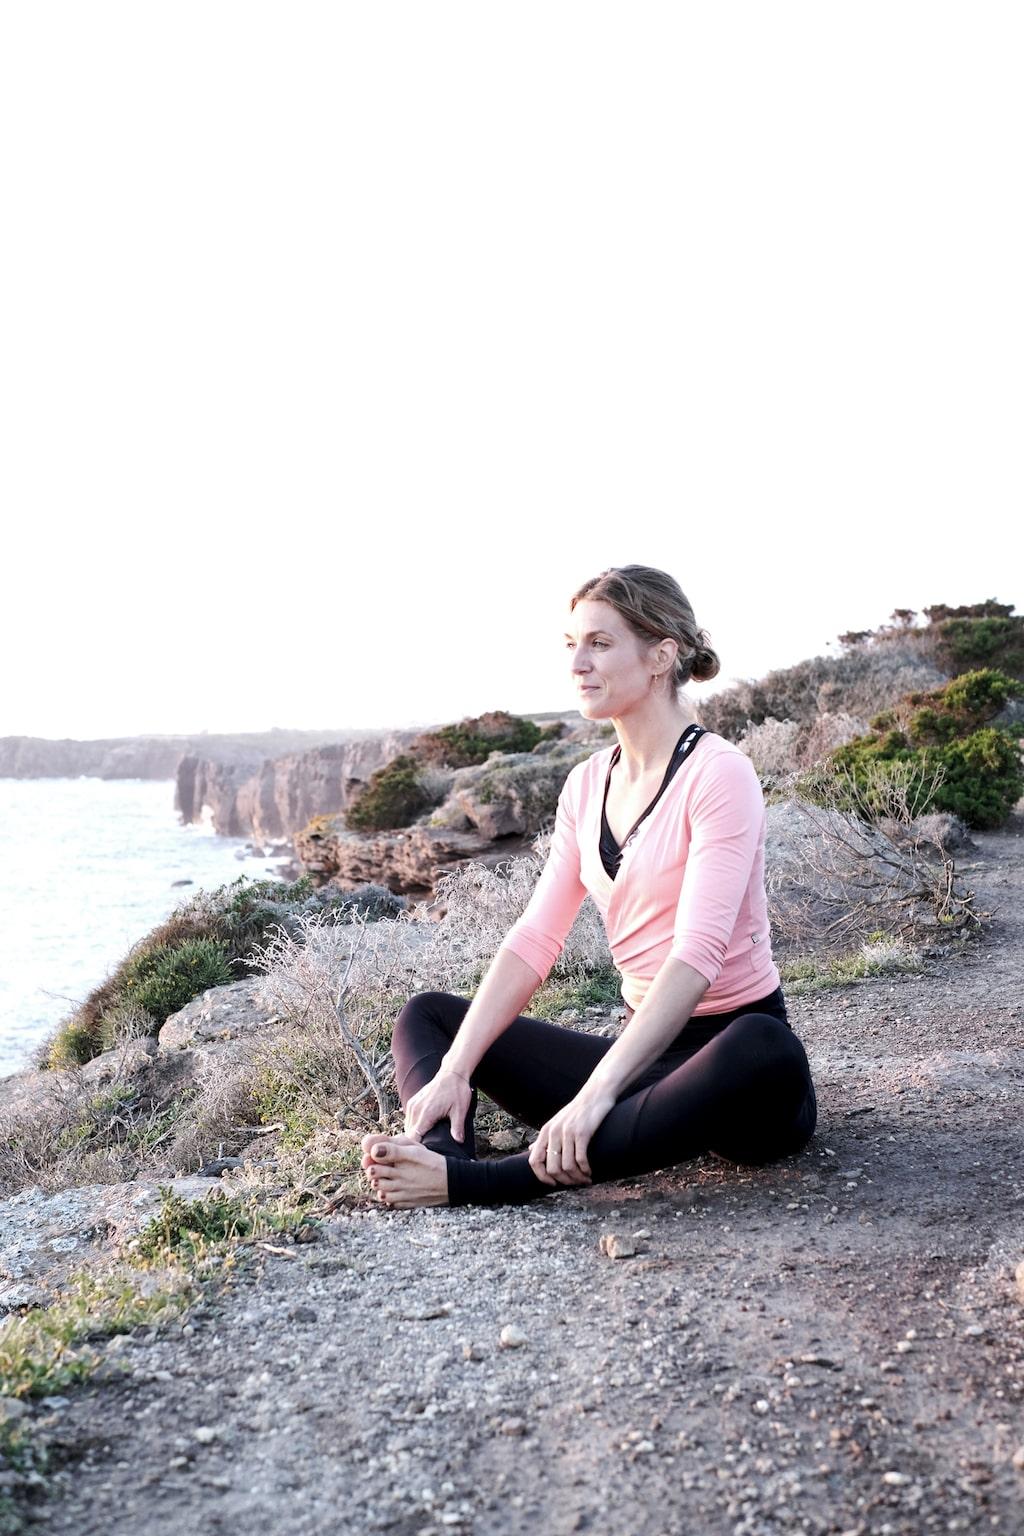 Låt yoga bli en del av din morgonrutin i sommar.